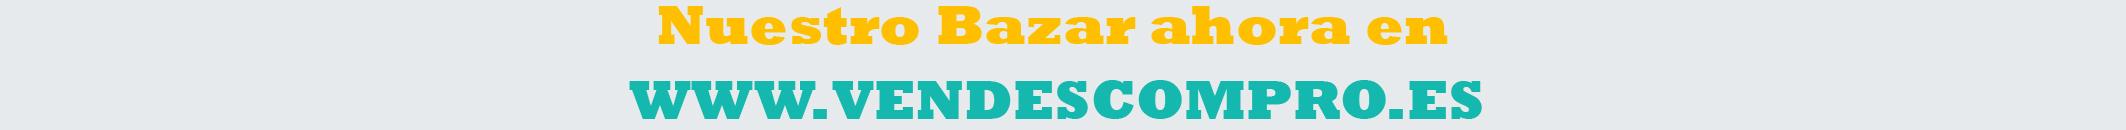 Bazar a Vendescompro-01